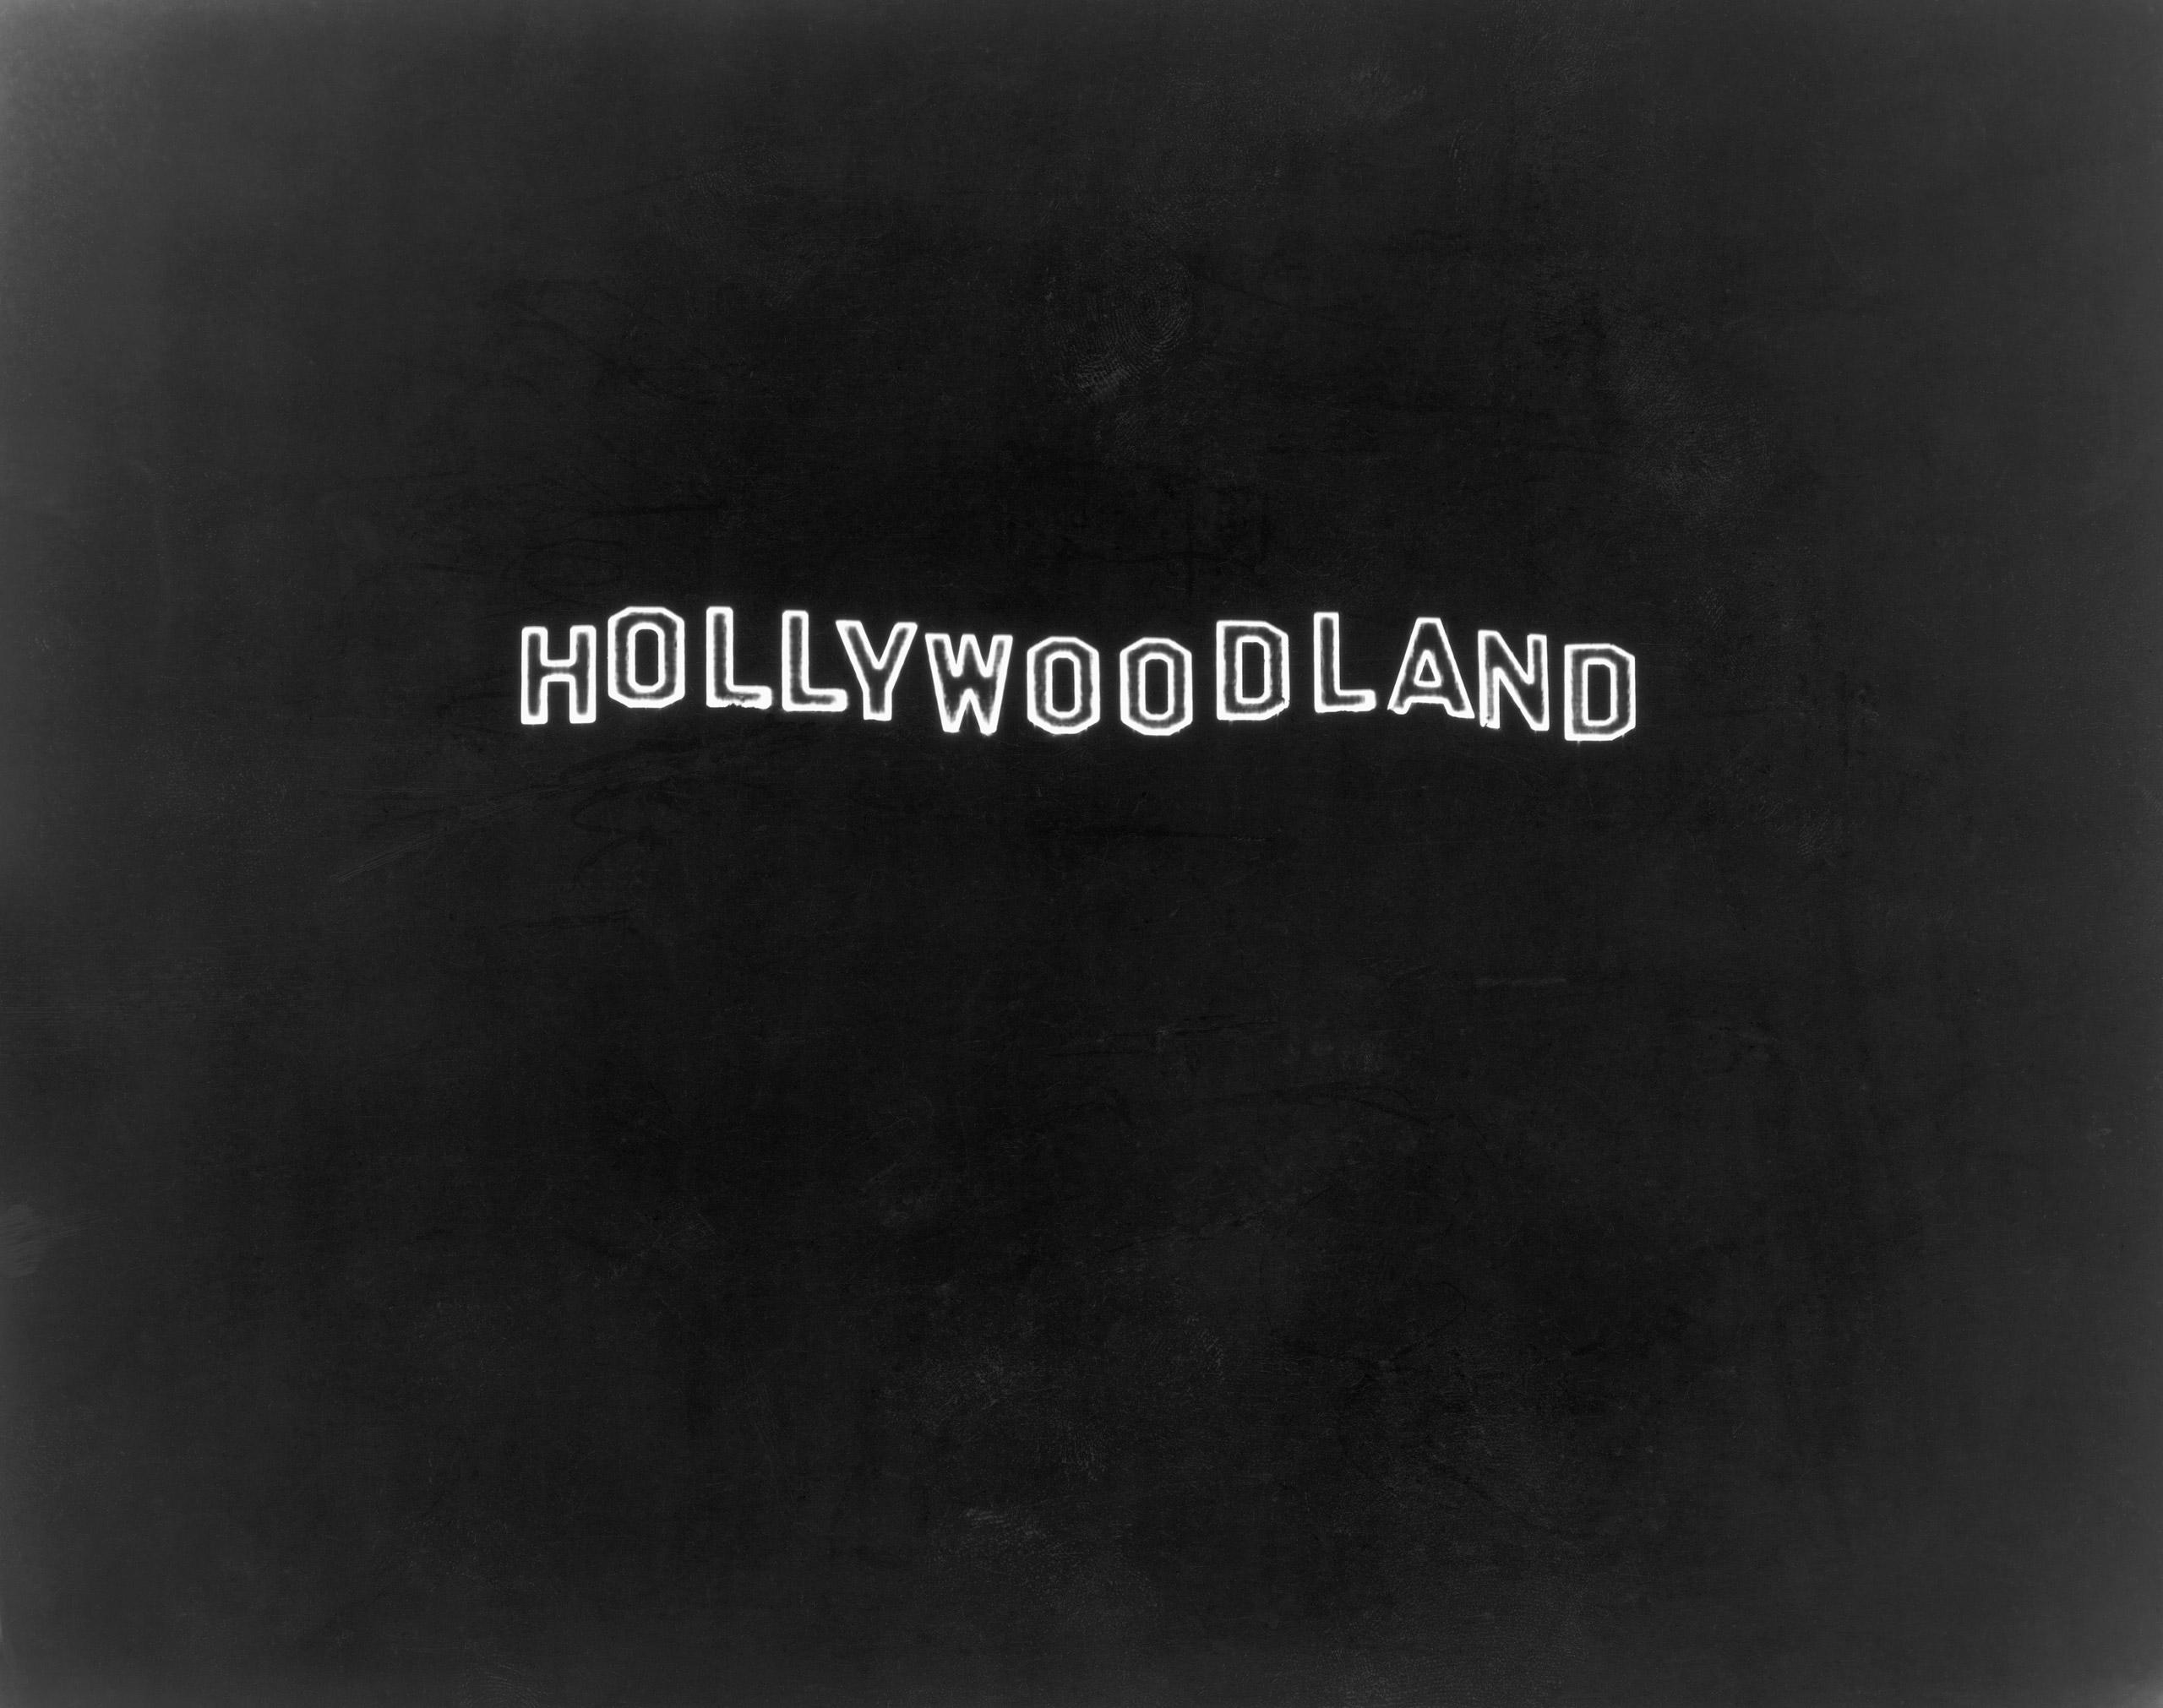 Hollywoodland sign at night, 1928.